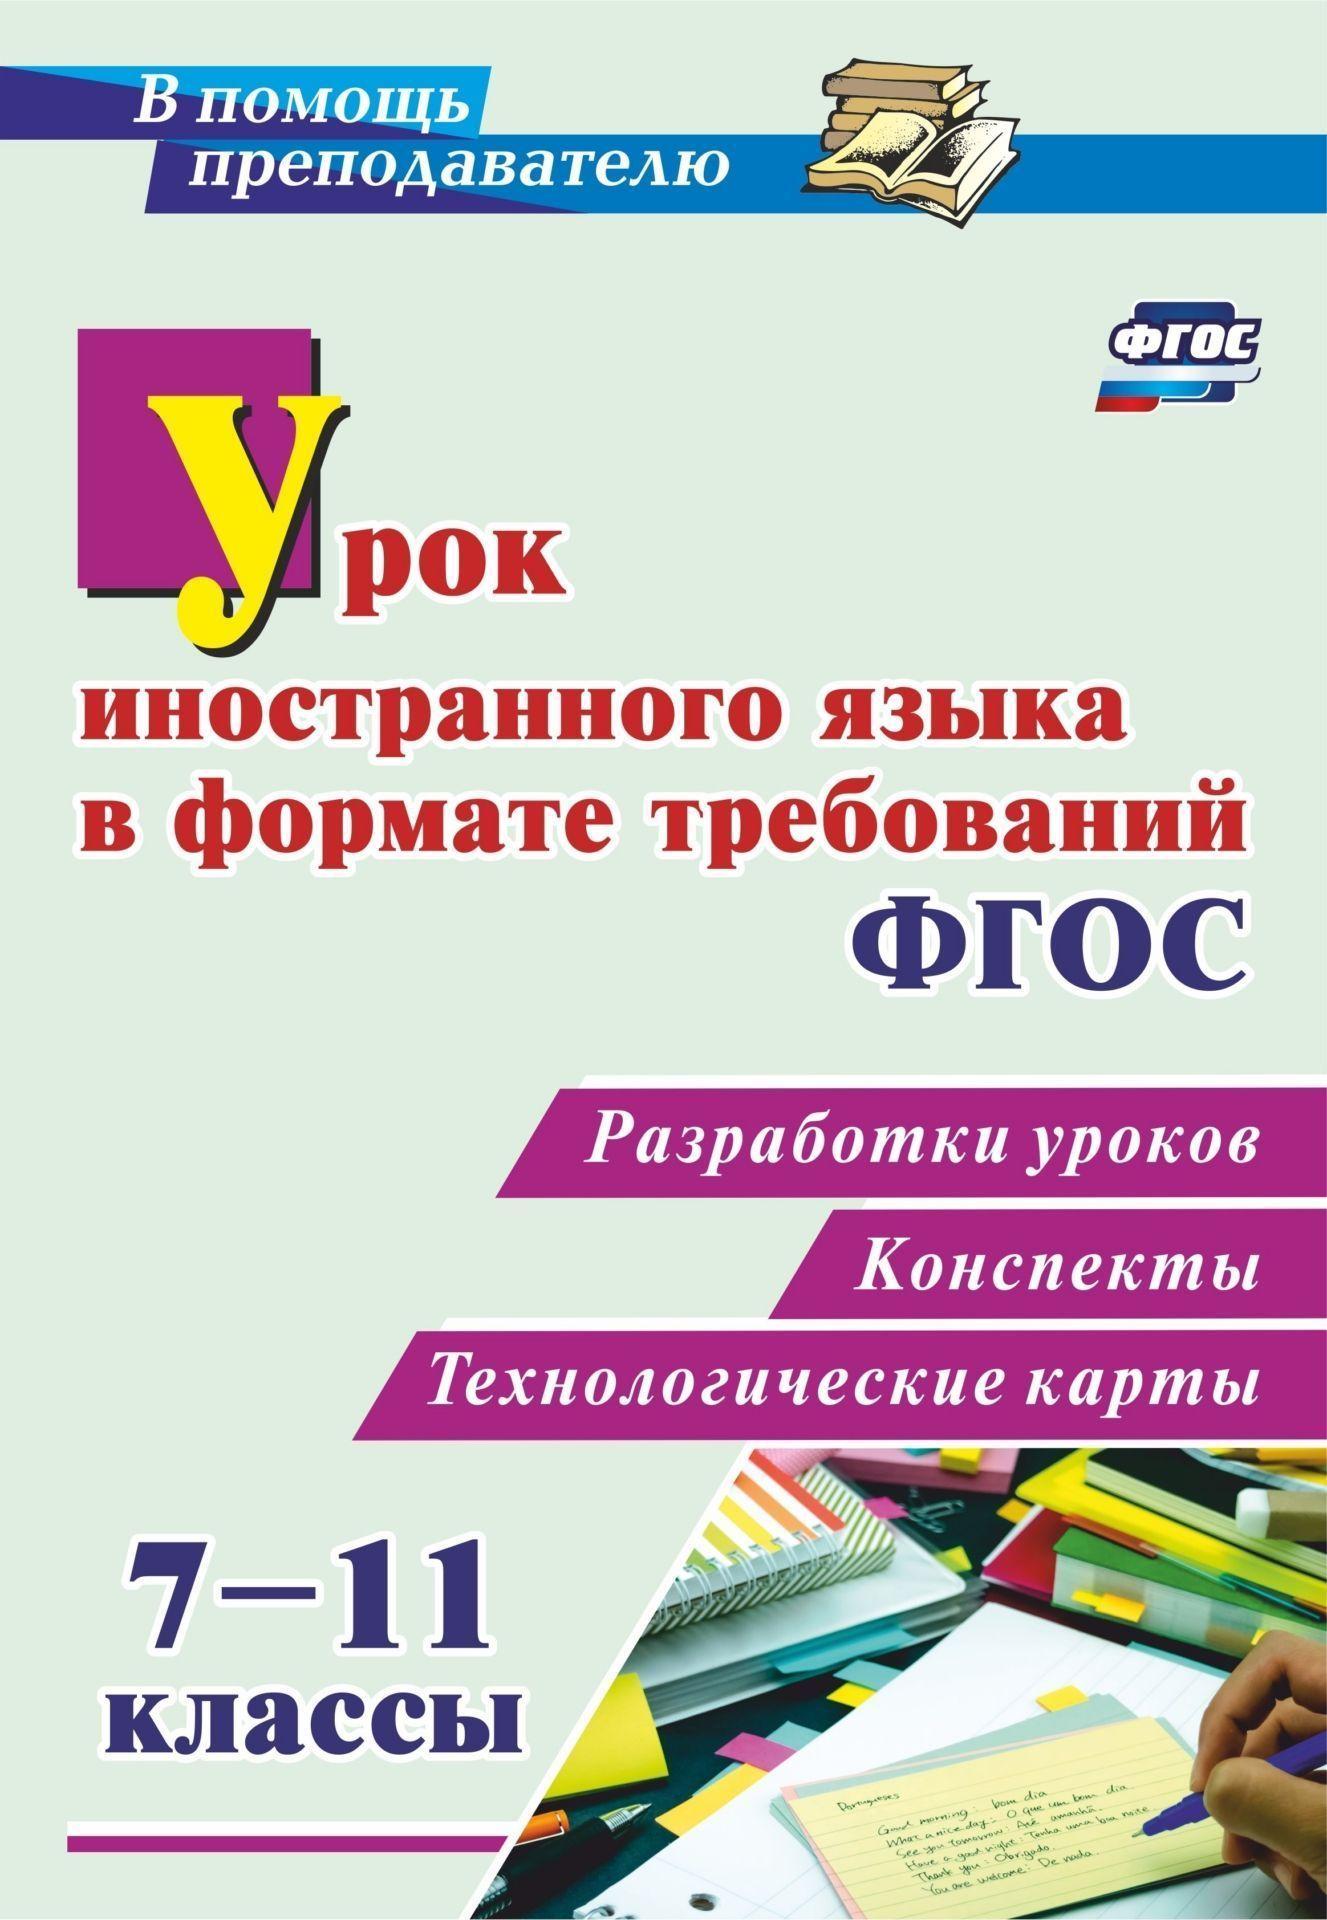 Урок иностранного языка в формате требований ФГОС 7-11 классы: разработки уроков, конспекты, технологические карты